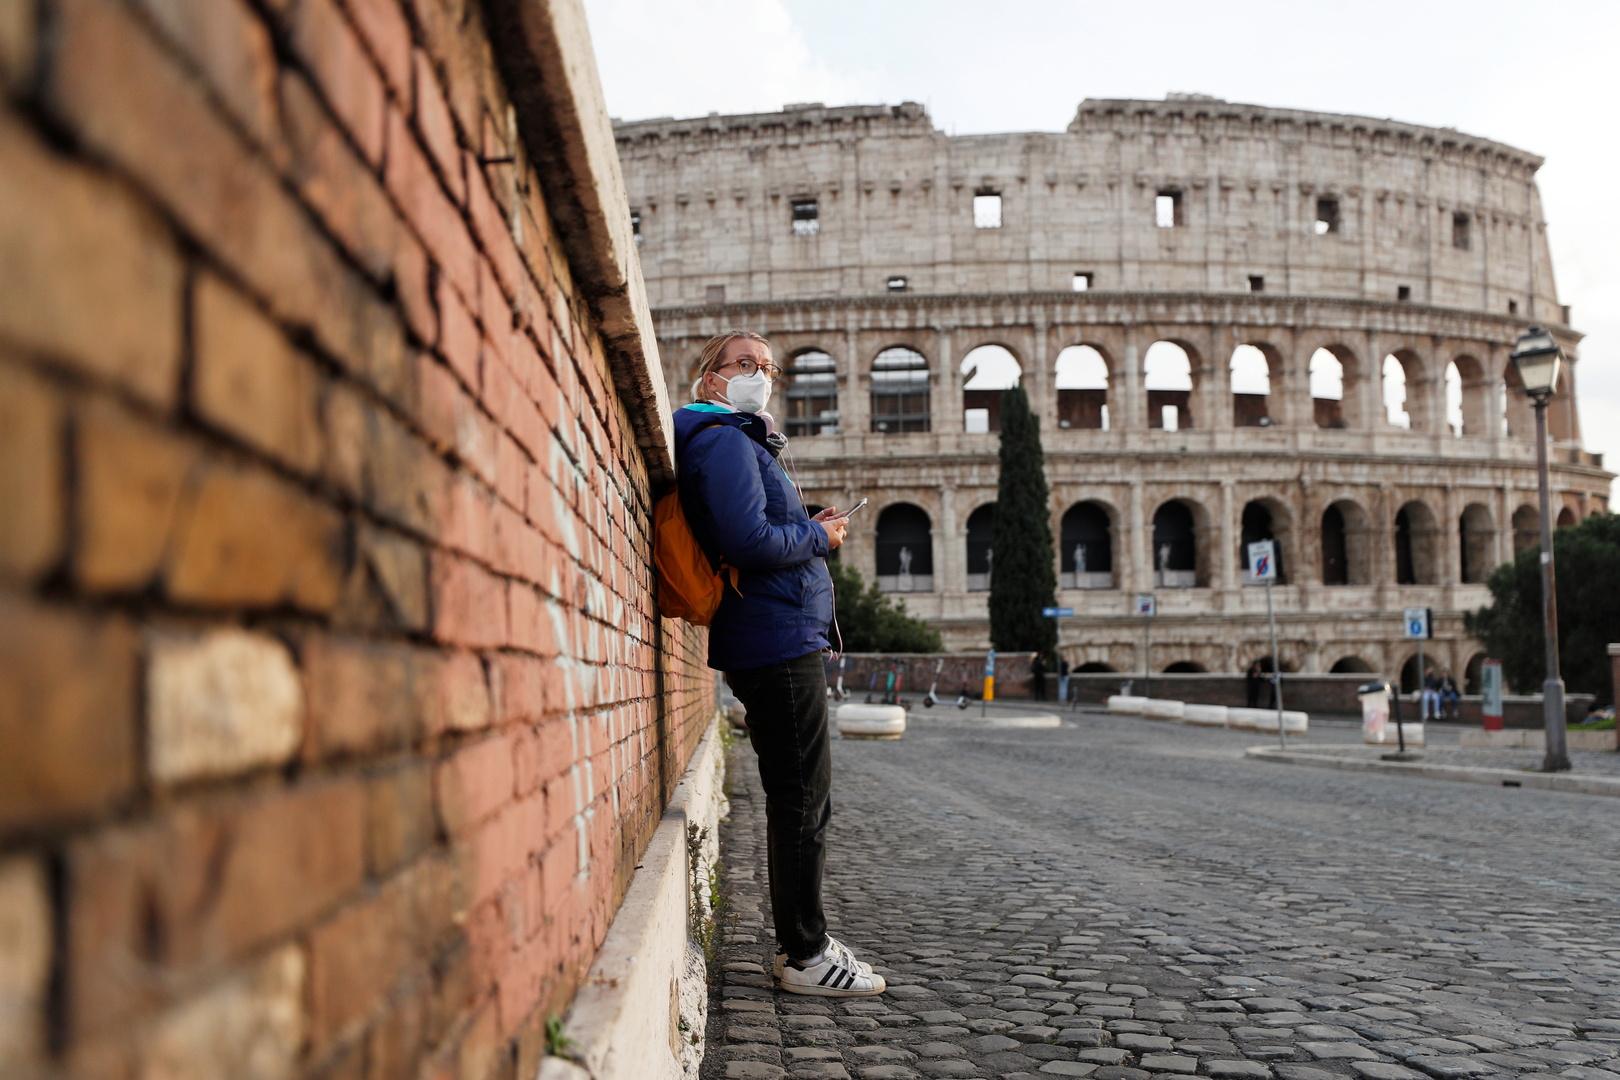 إيطاليا: وصول 93 مهاجرا مصابا بكورونا من أصل 117 إلى كالابريا